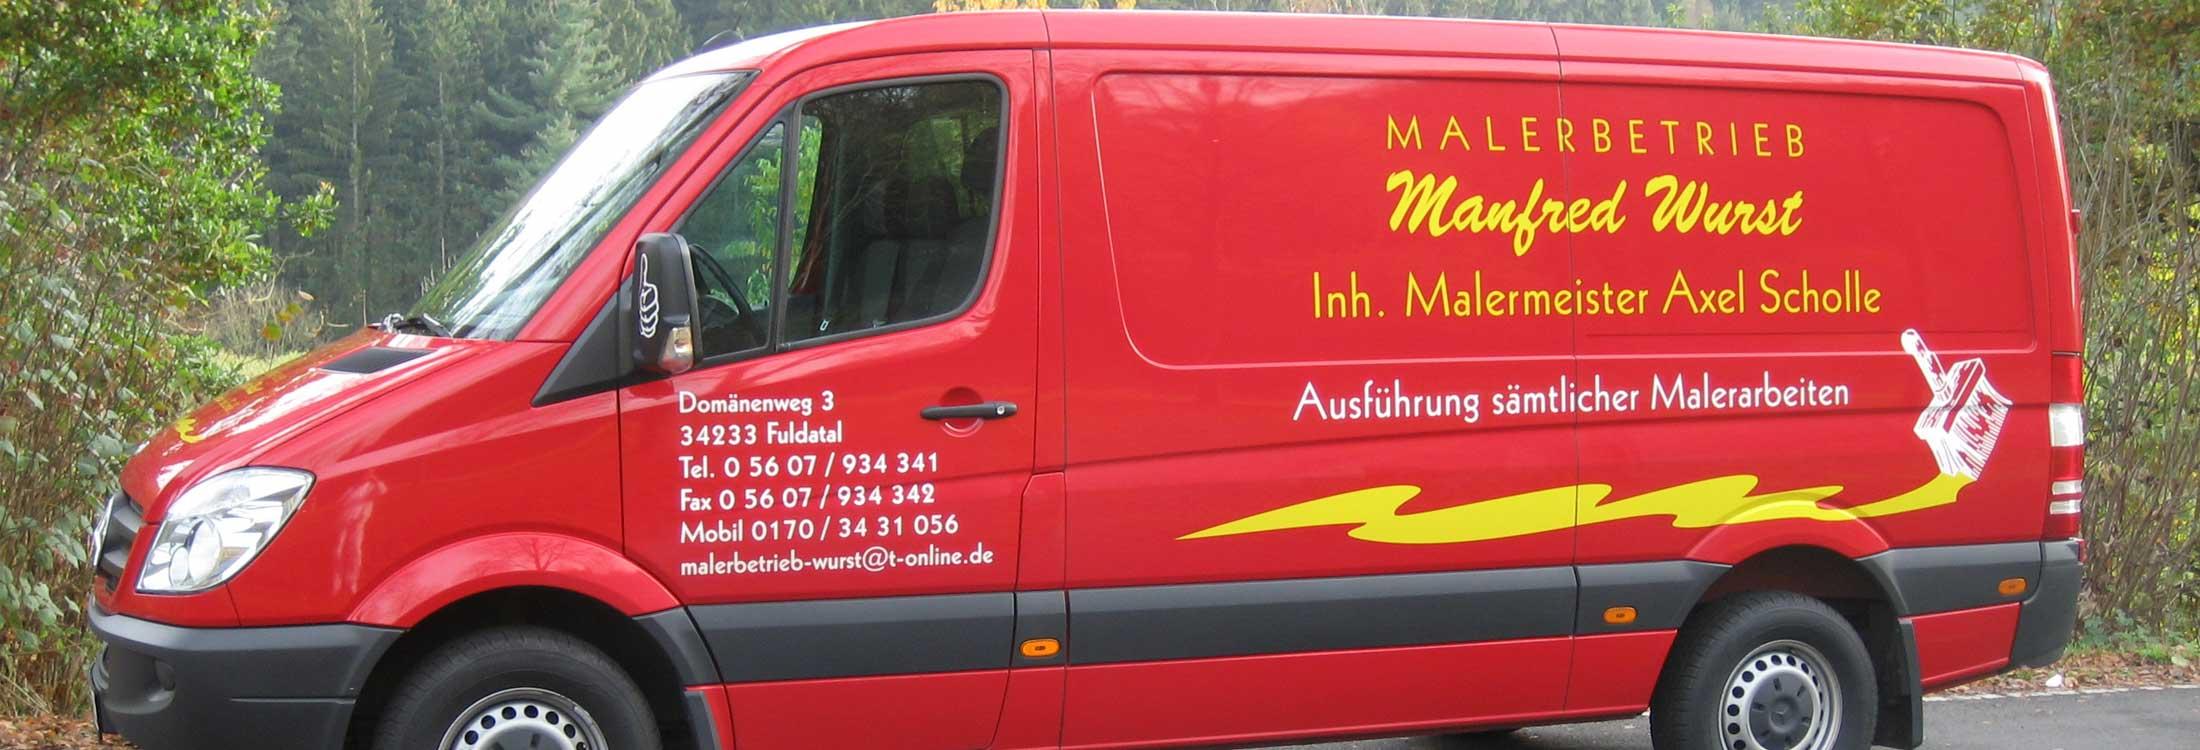 rotes Dienstfahrzeug des Malerbetriebs